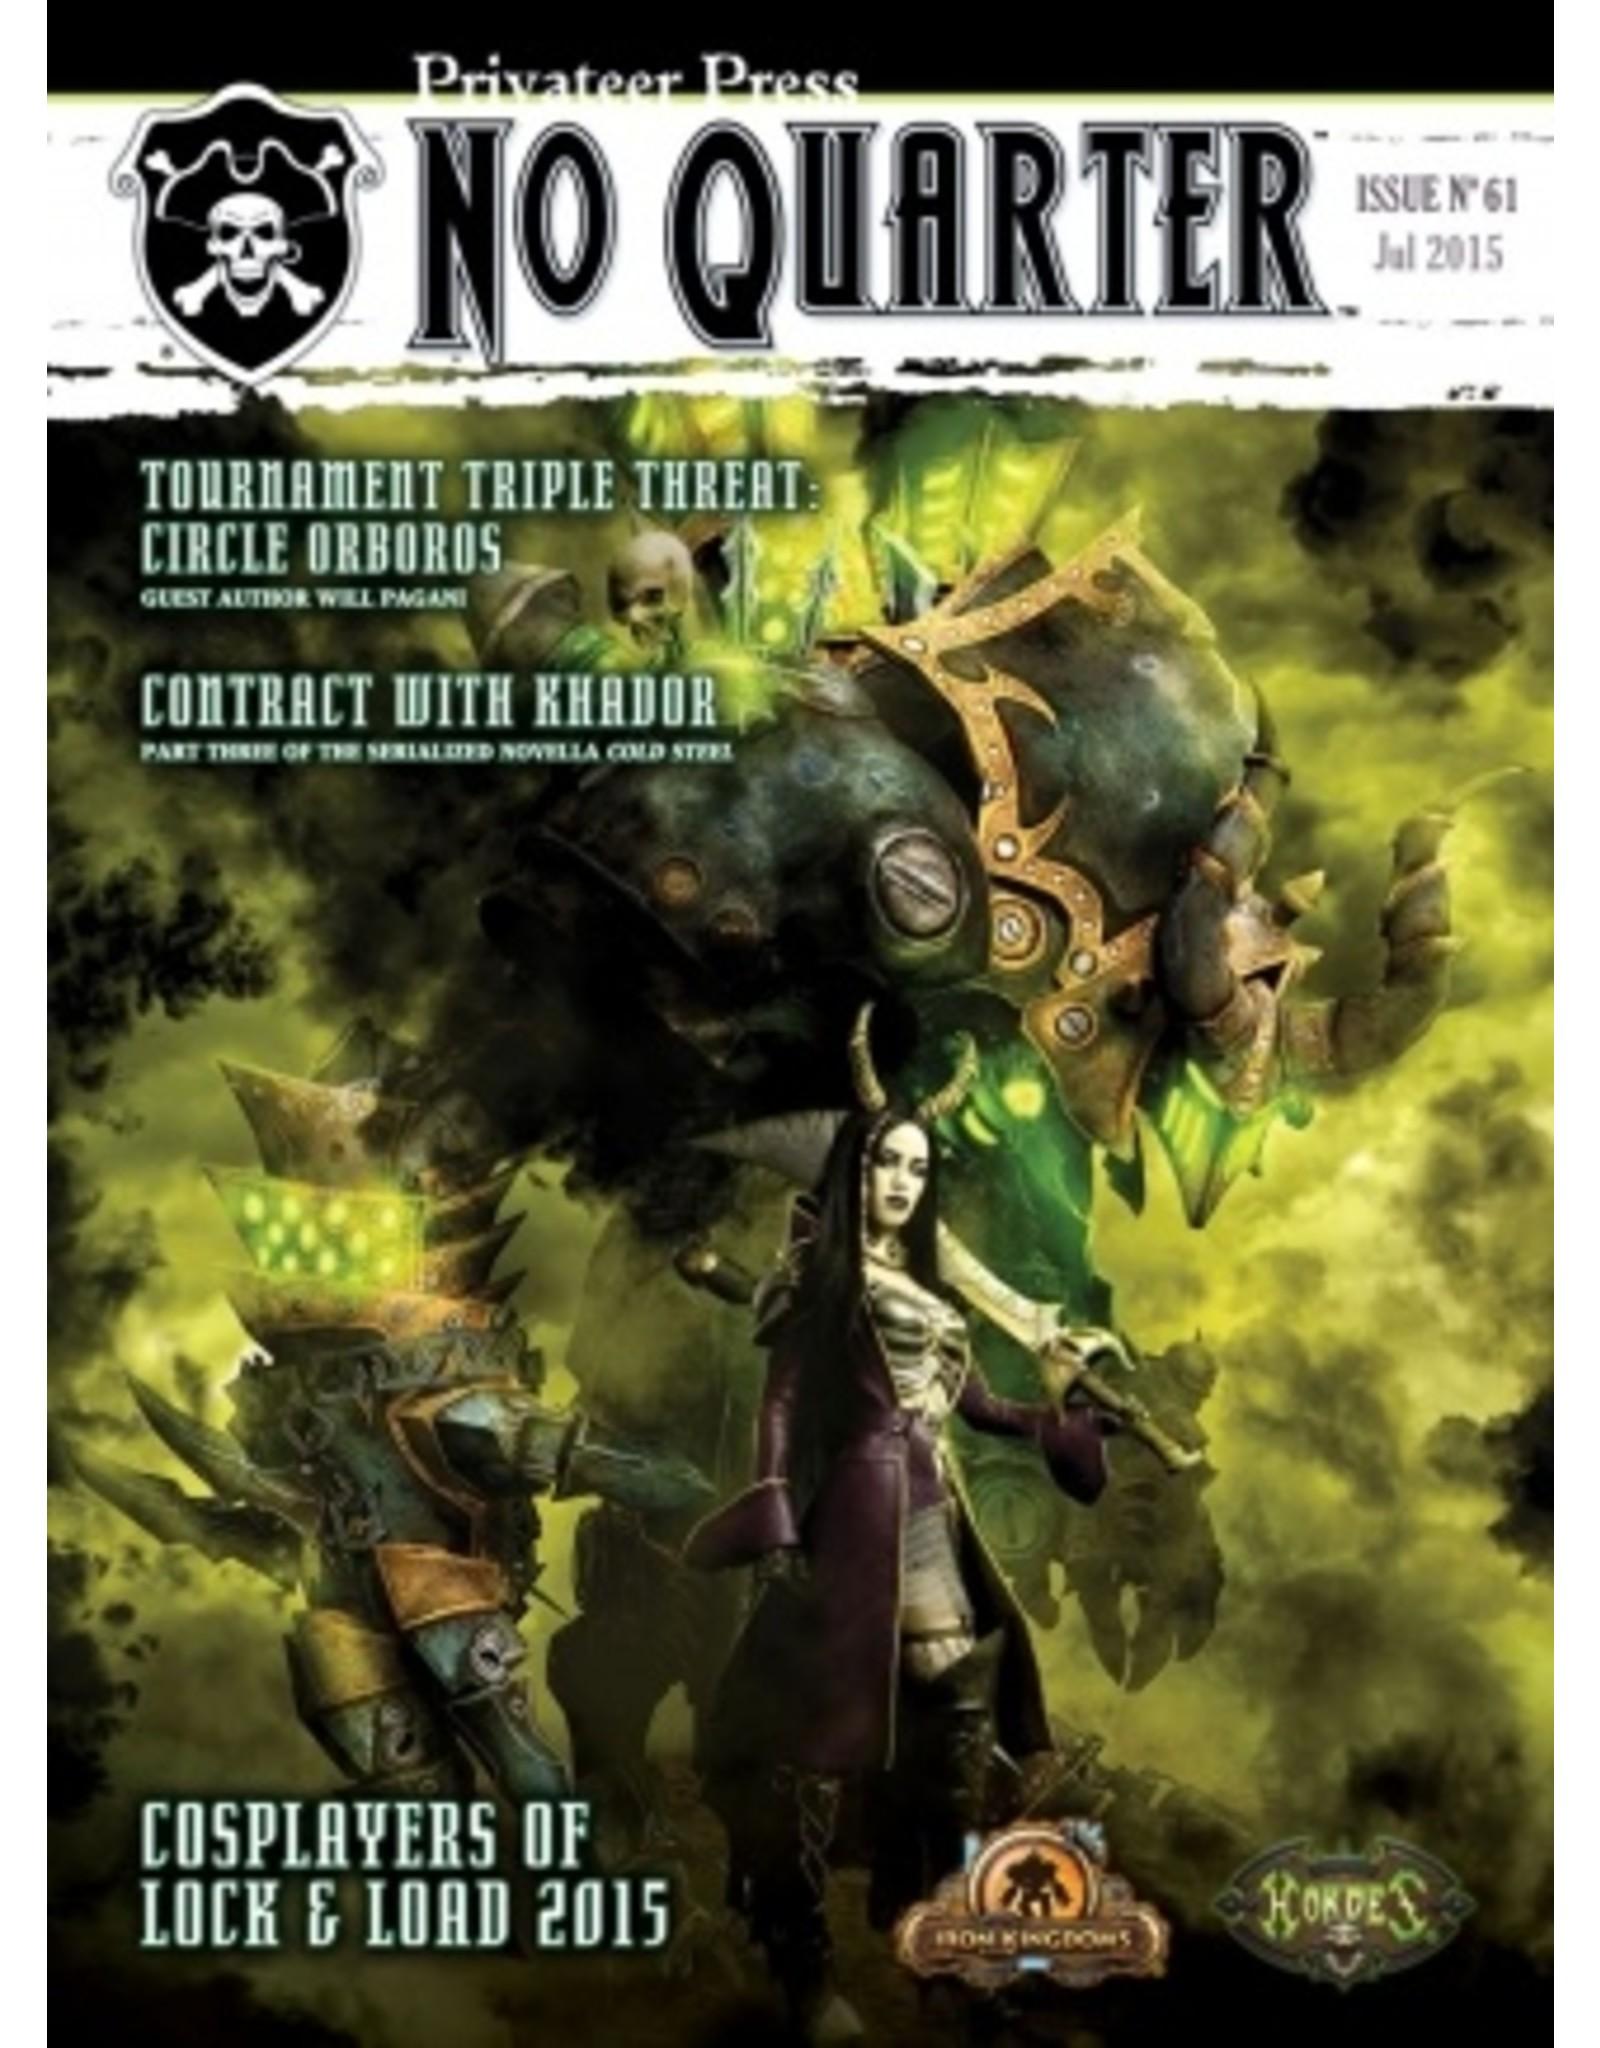 NO QUARTER #61